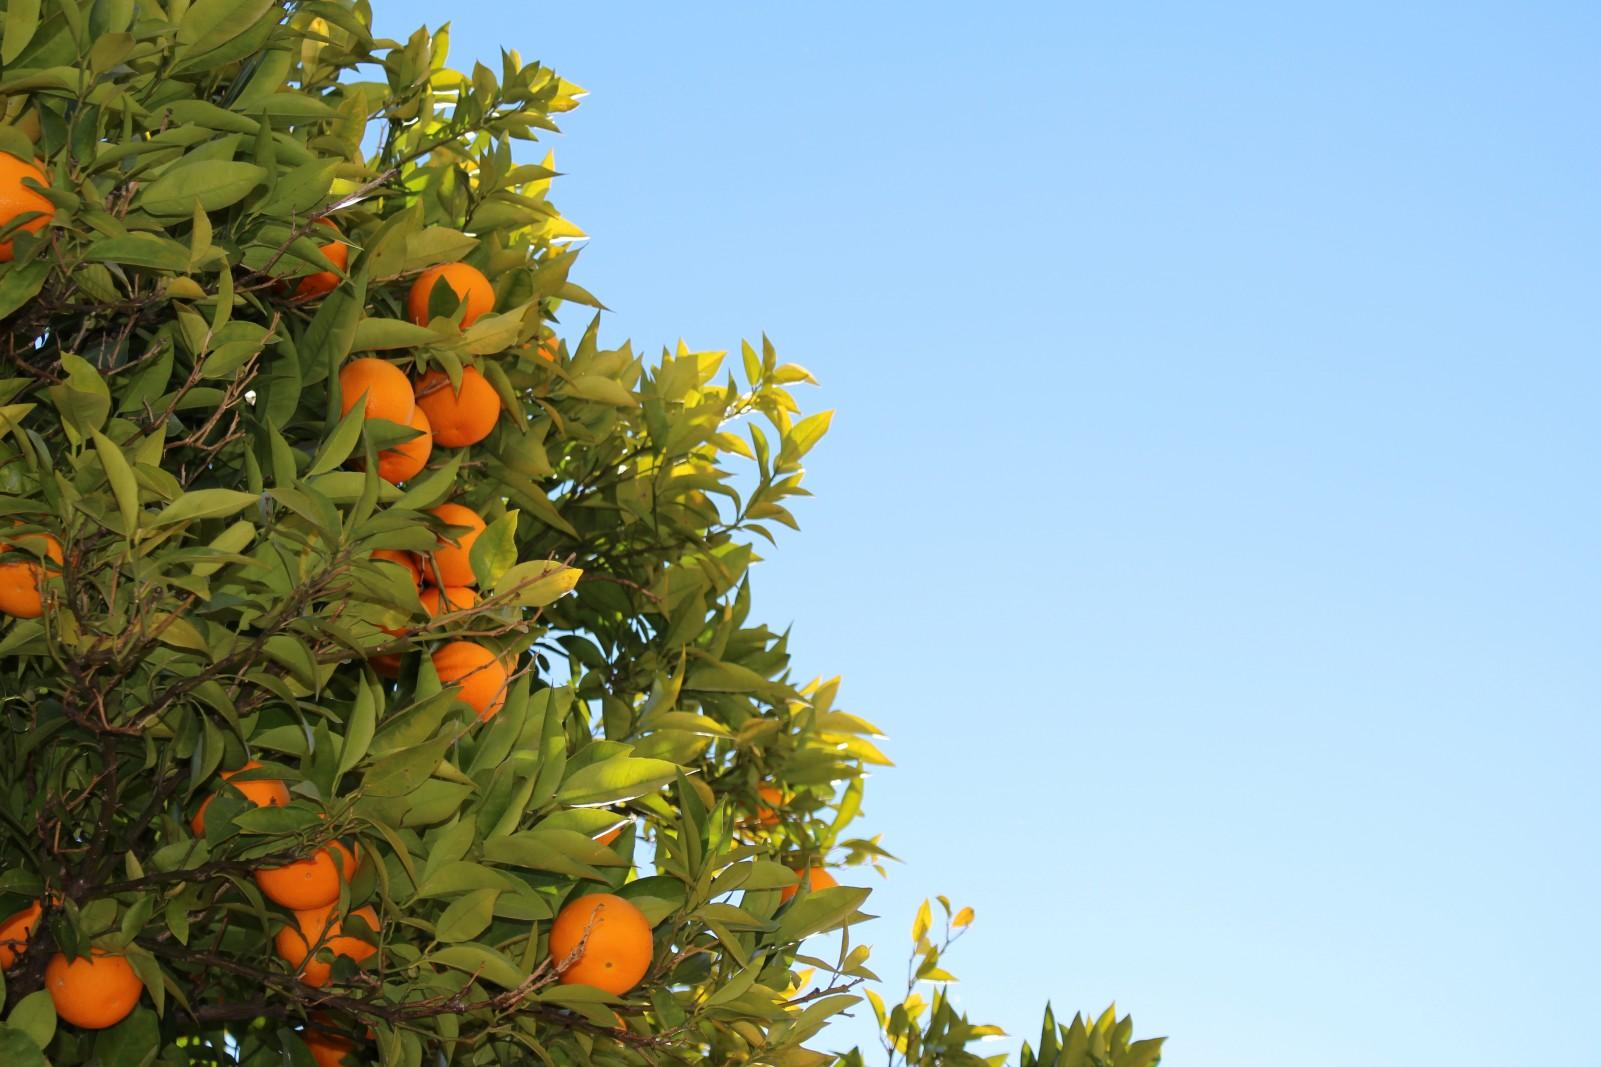 Oranges-e1434645060699